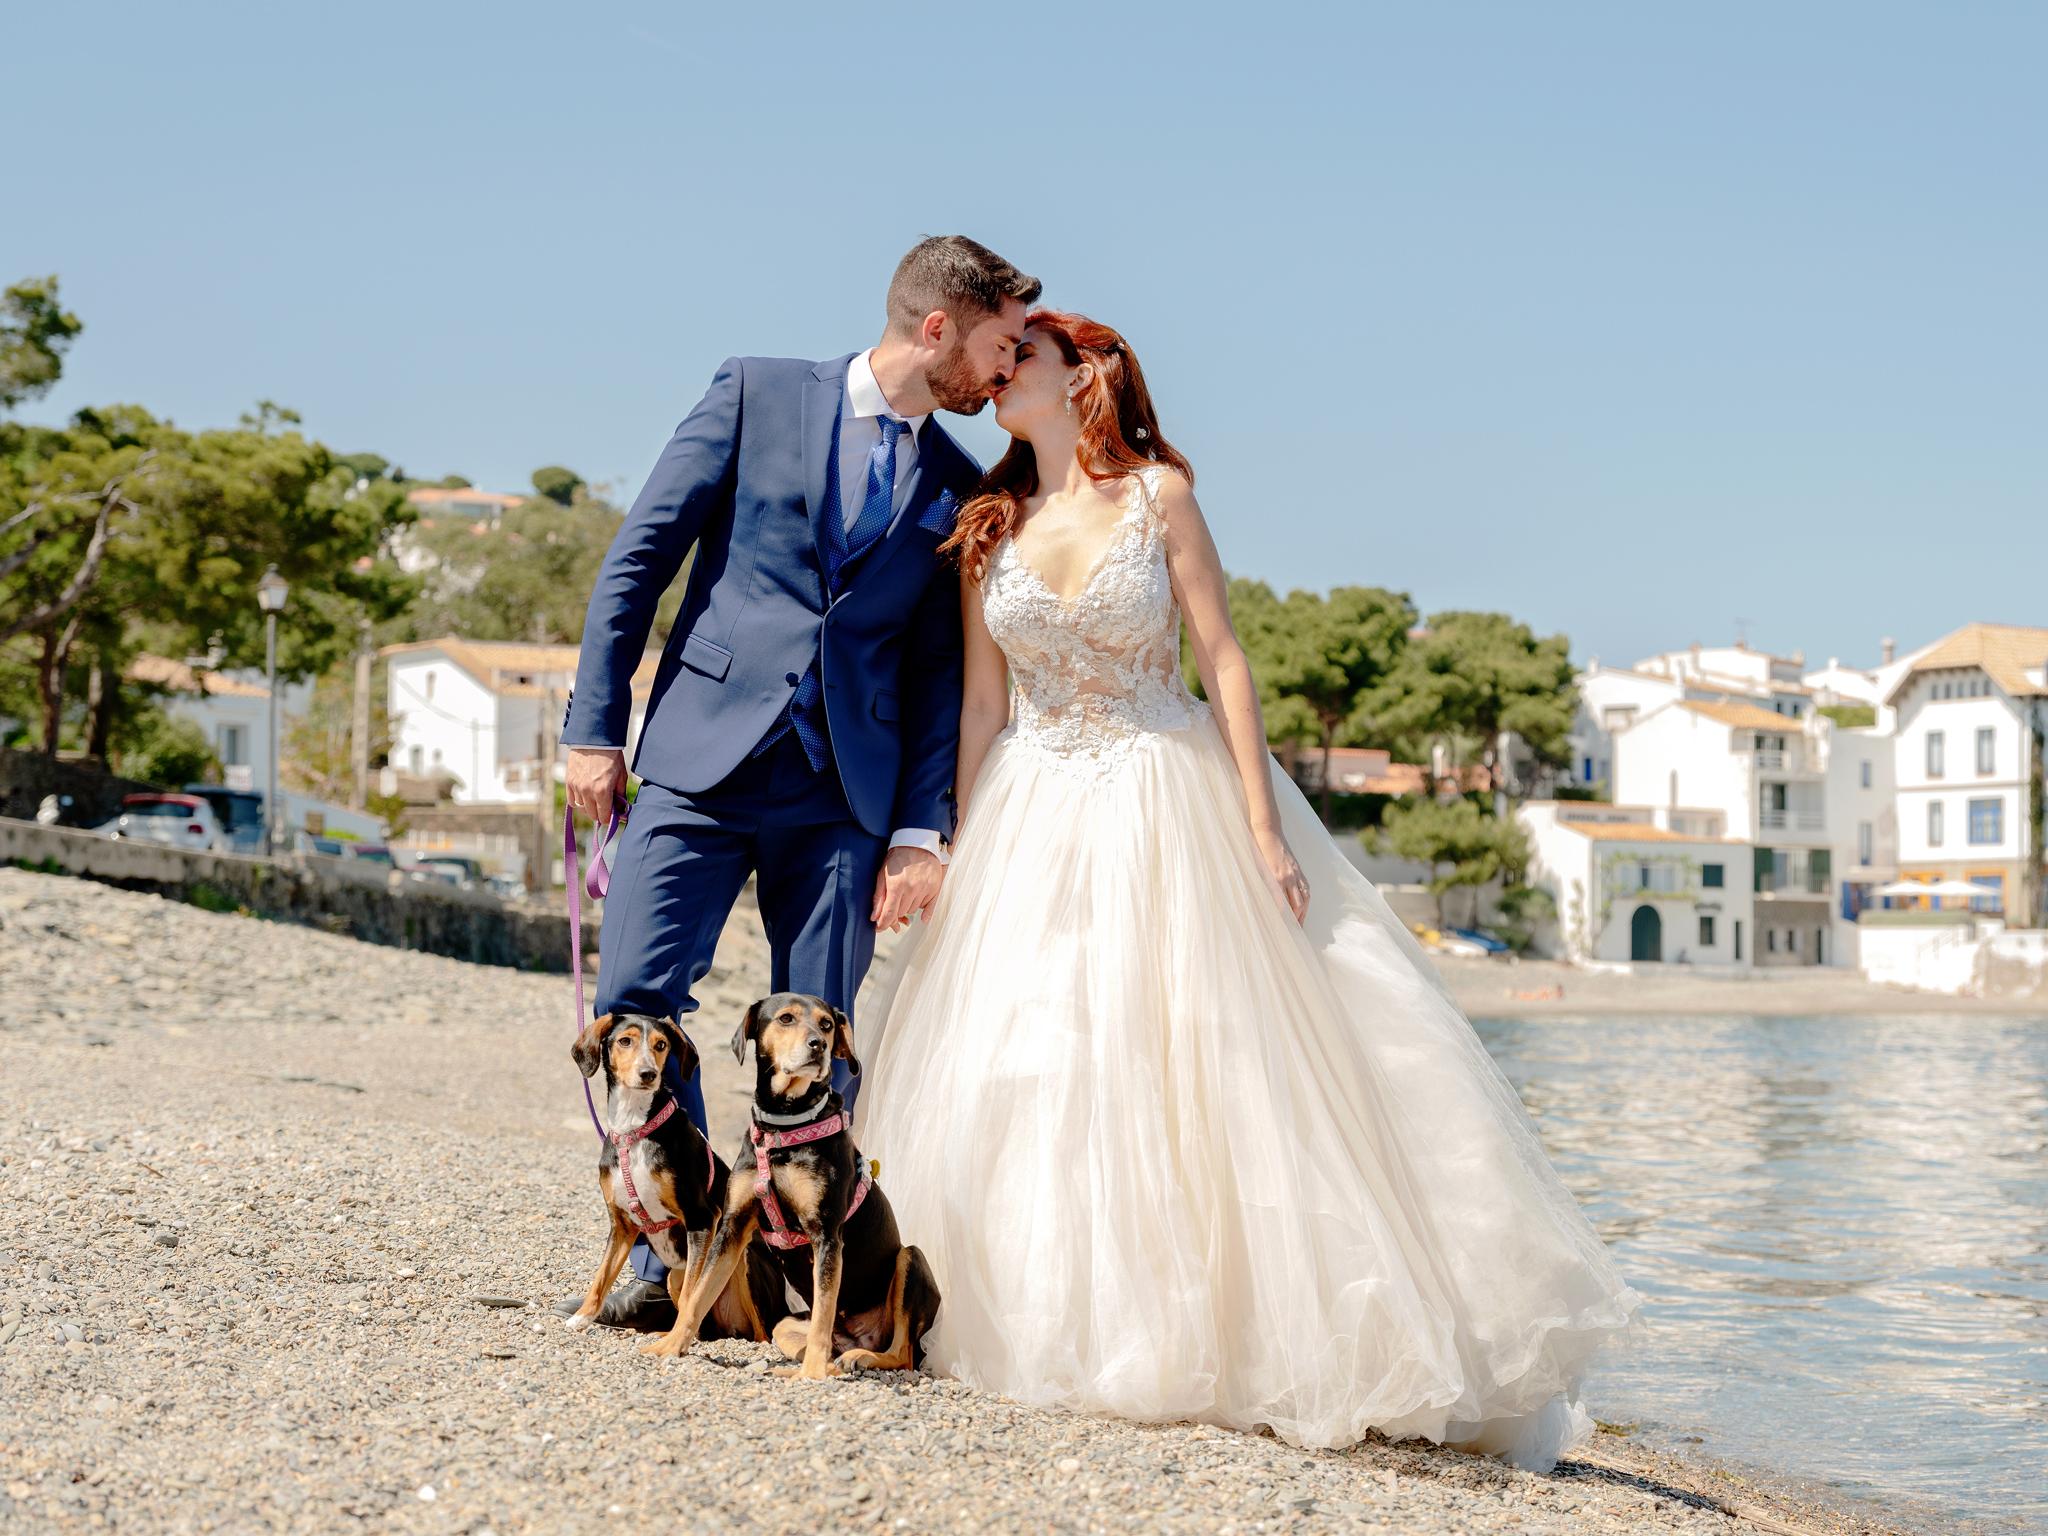 fotografia bodas cadaques29.jpg